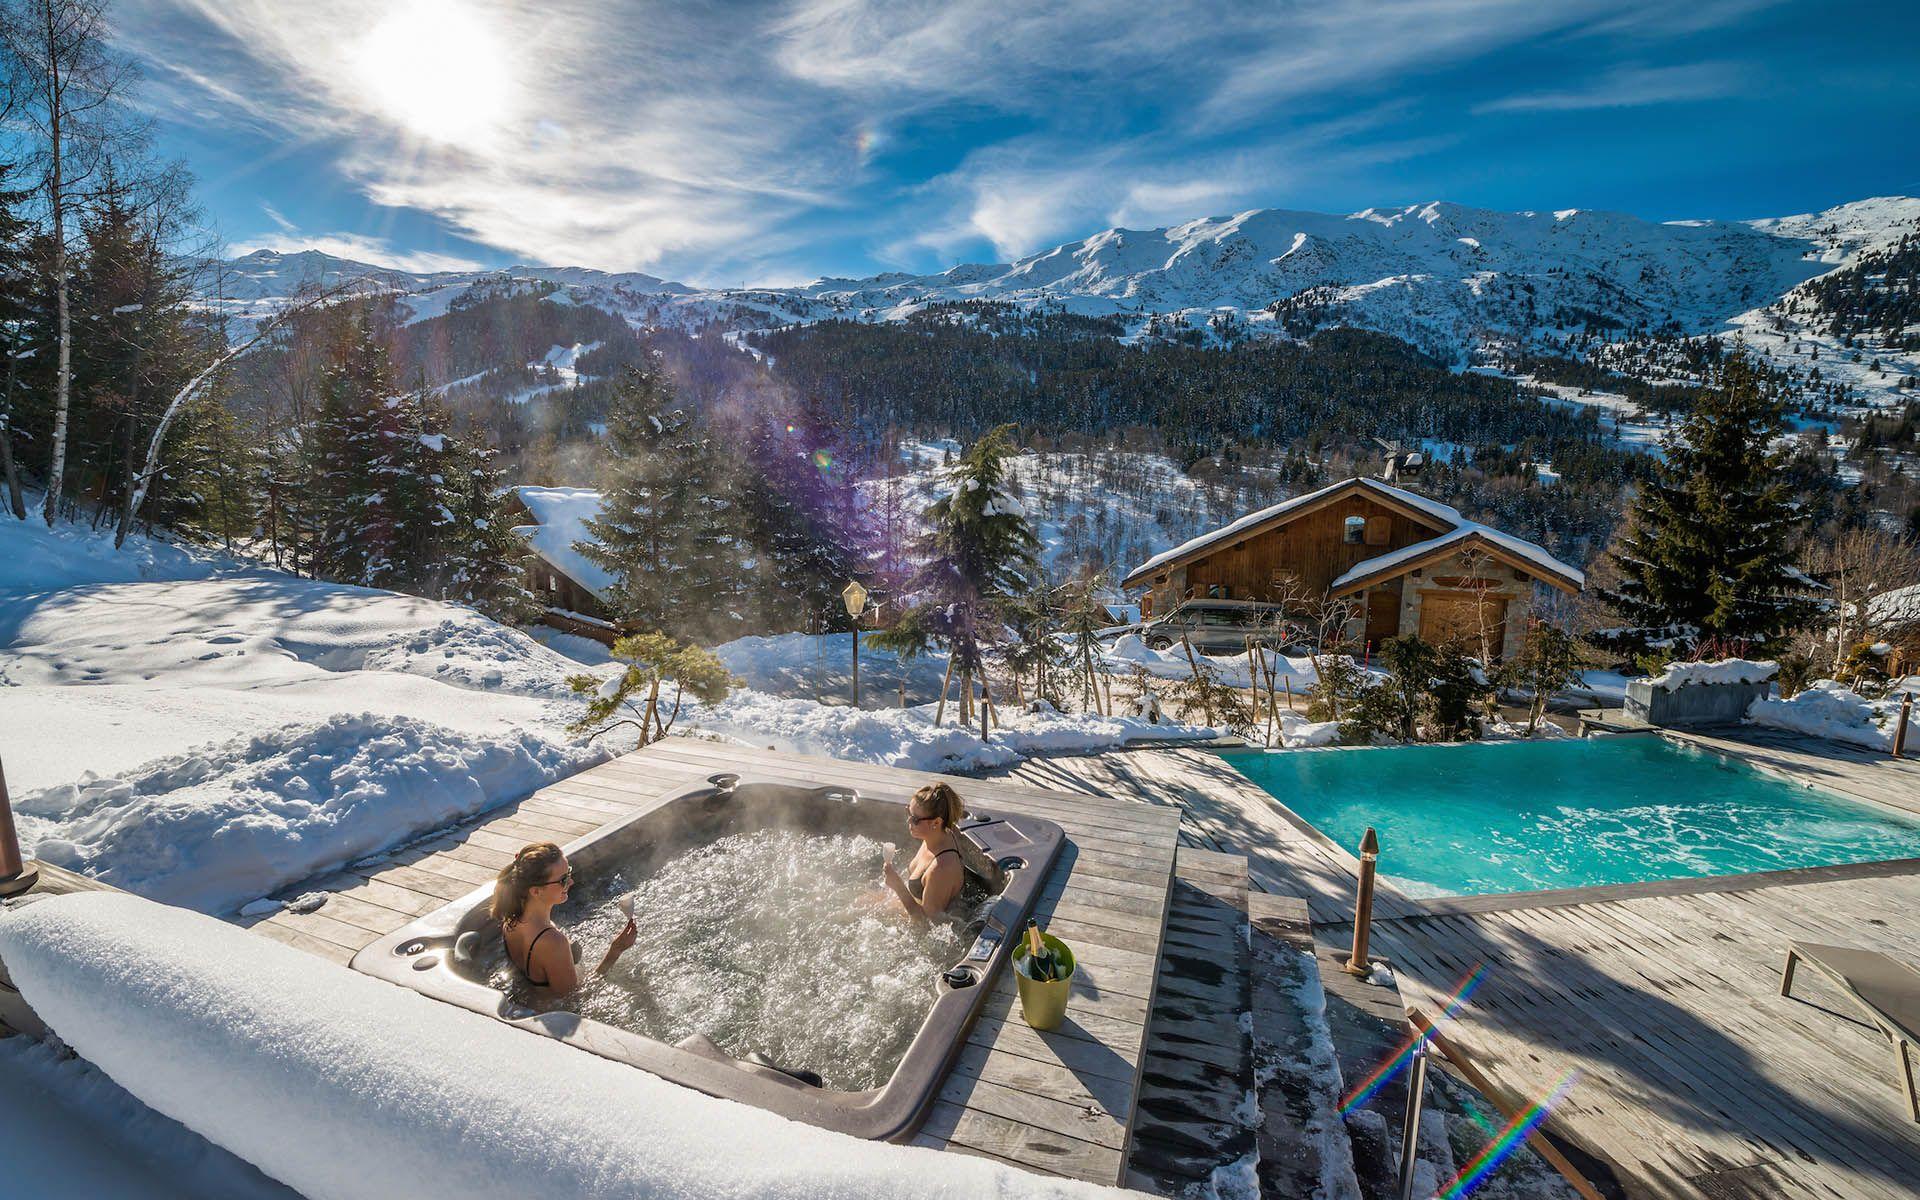 Verbier Luxury Chalets | Luxury Ski Chalet, Chalet Bouquetin, Verbier,  Switzerland, Switzerland ... | European Chalet Design | Pinterest | Ski  Chalet, ...